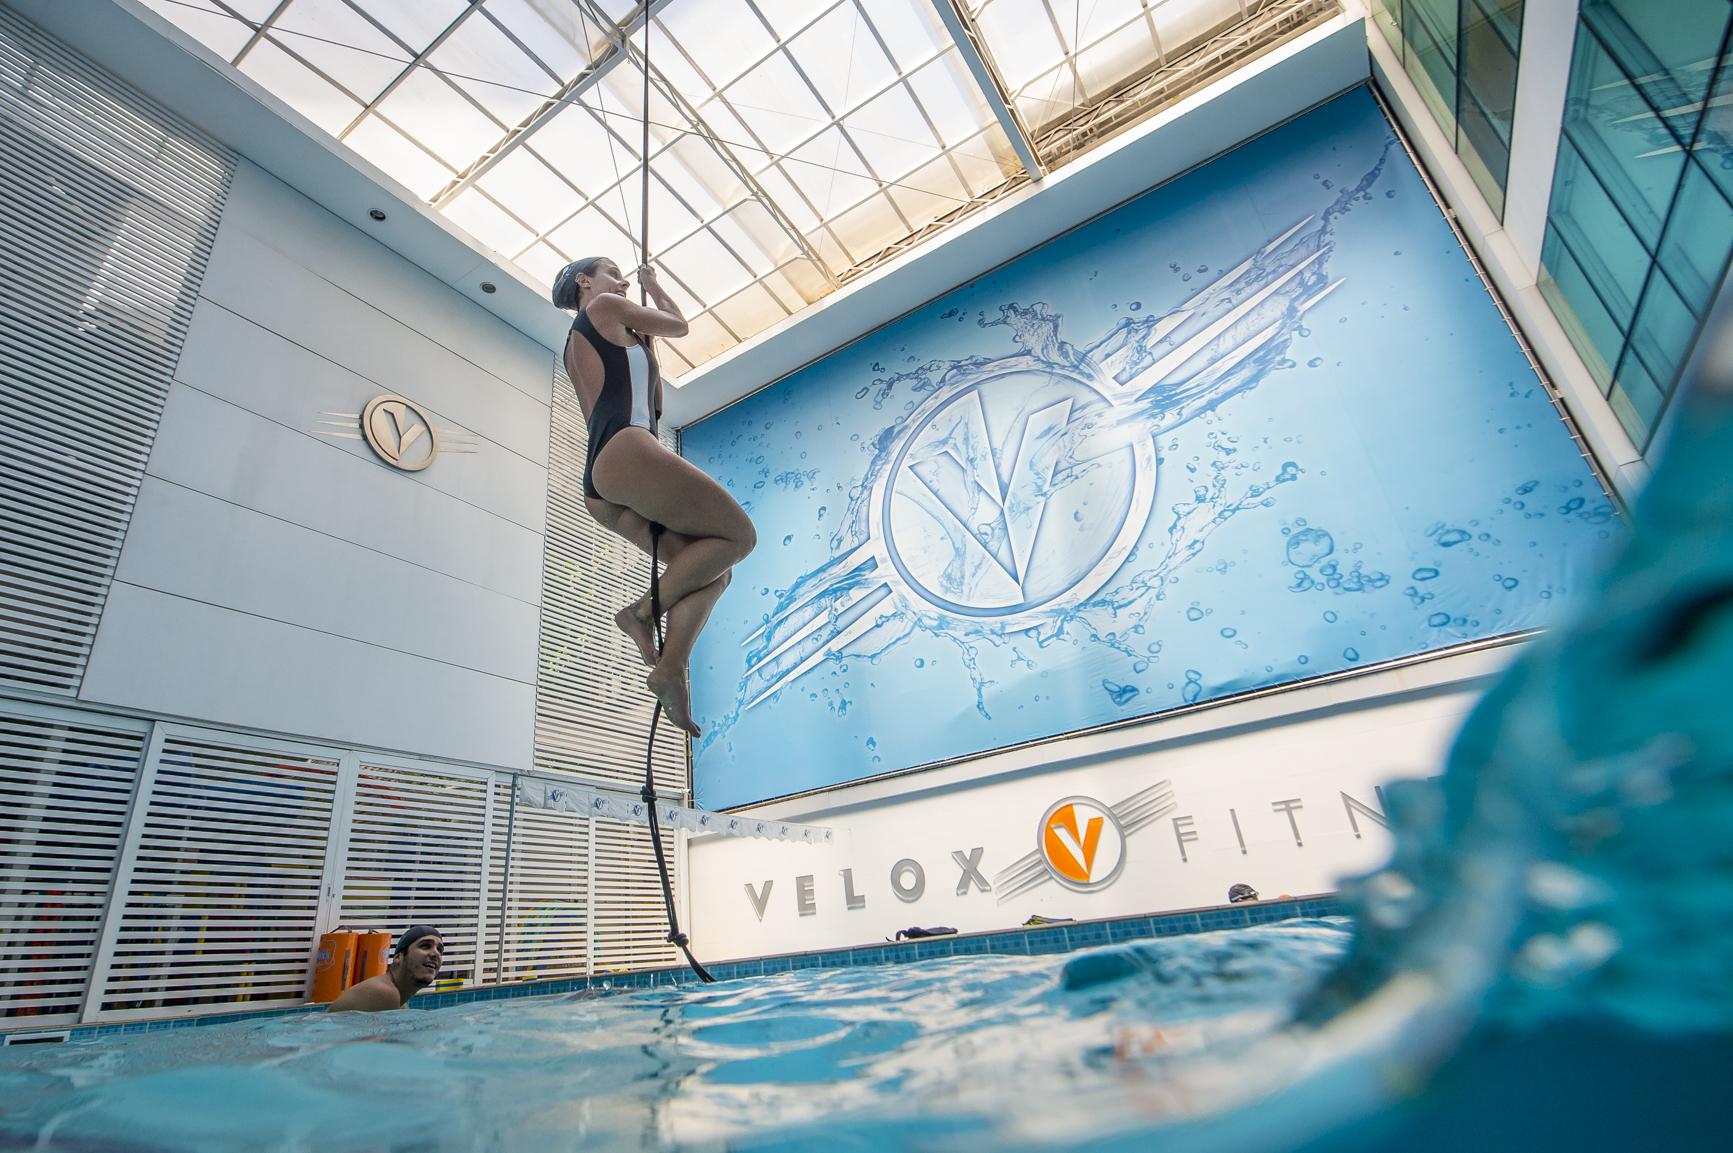 Mulher escalando corda na piscina na aula de cross swim